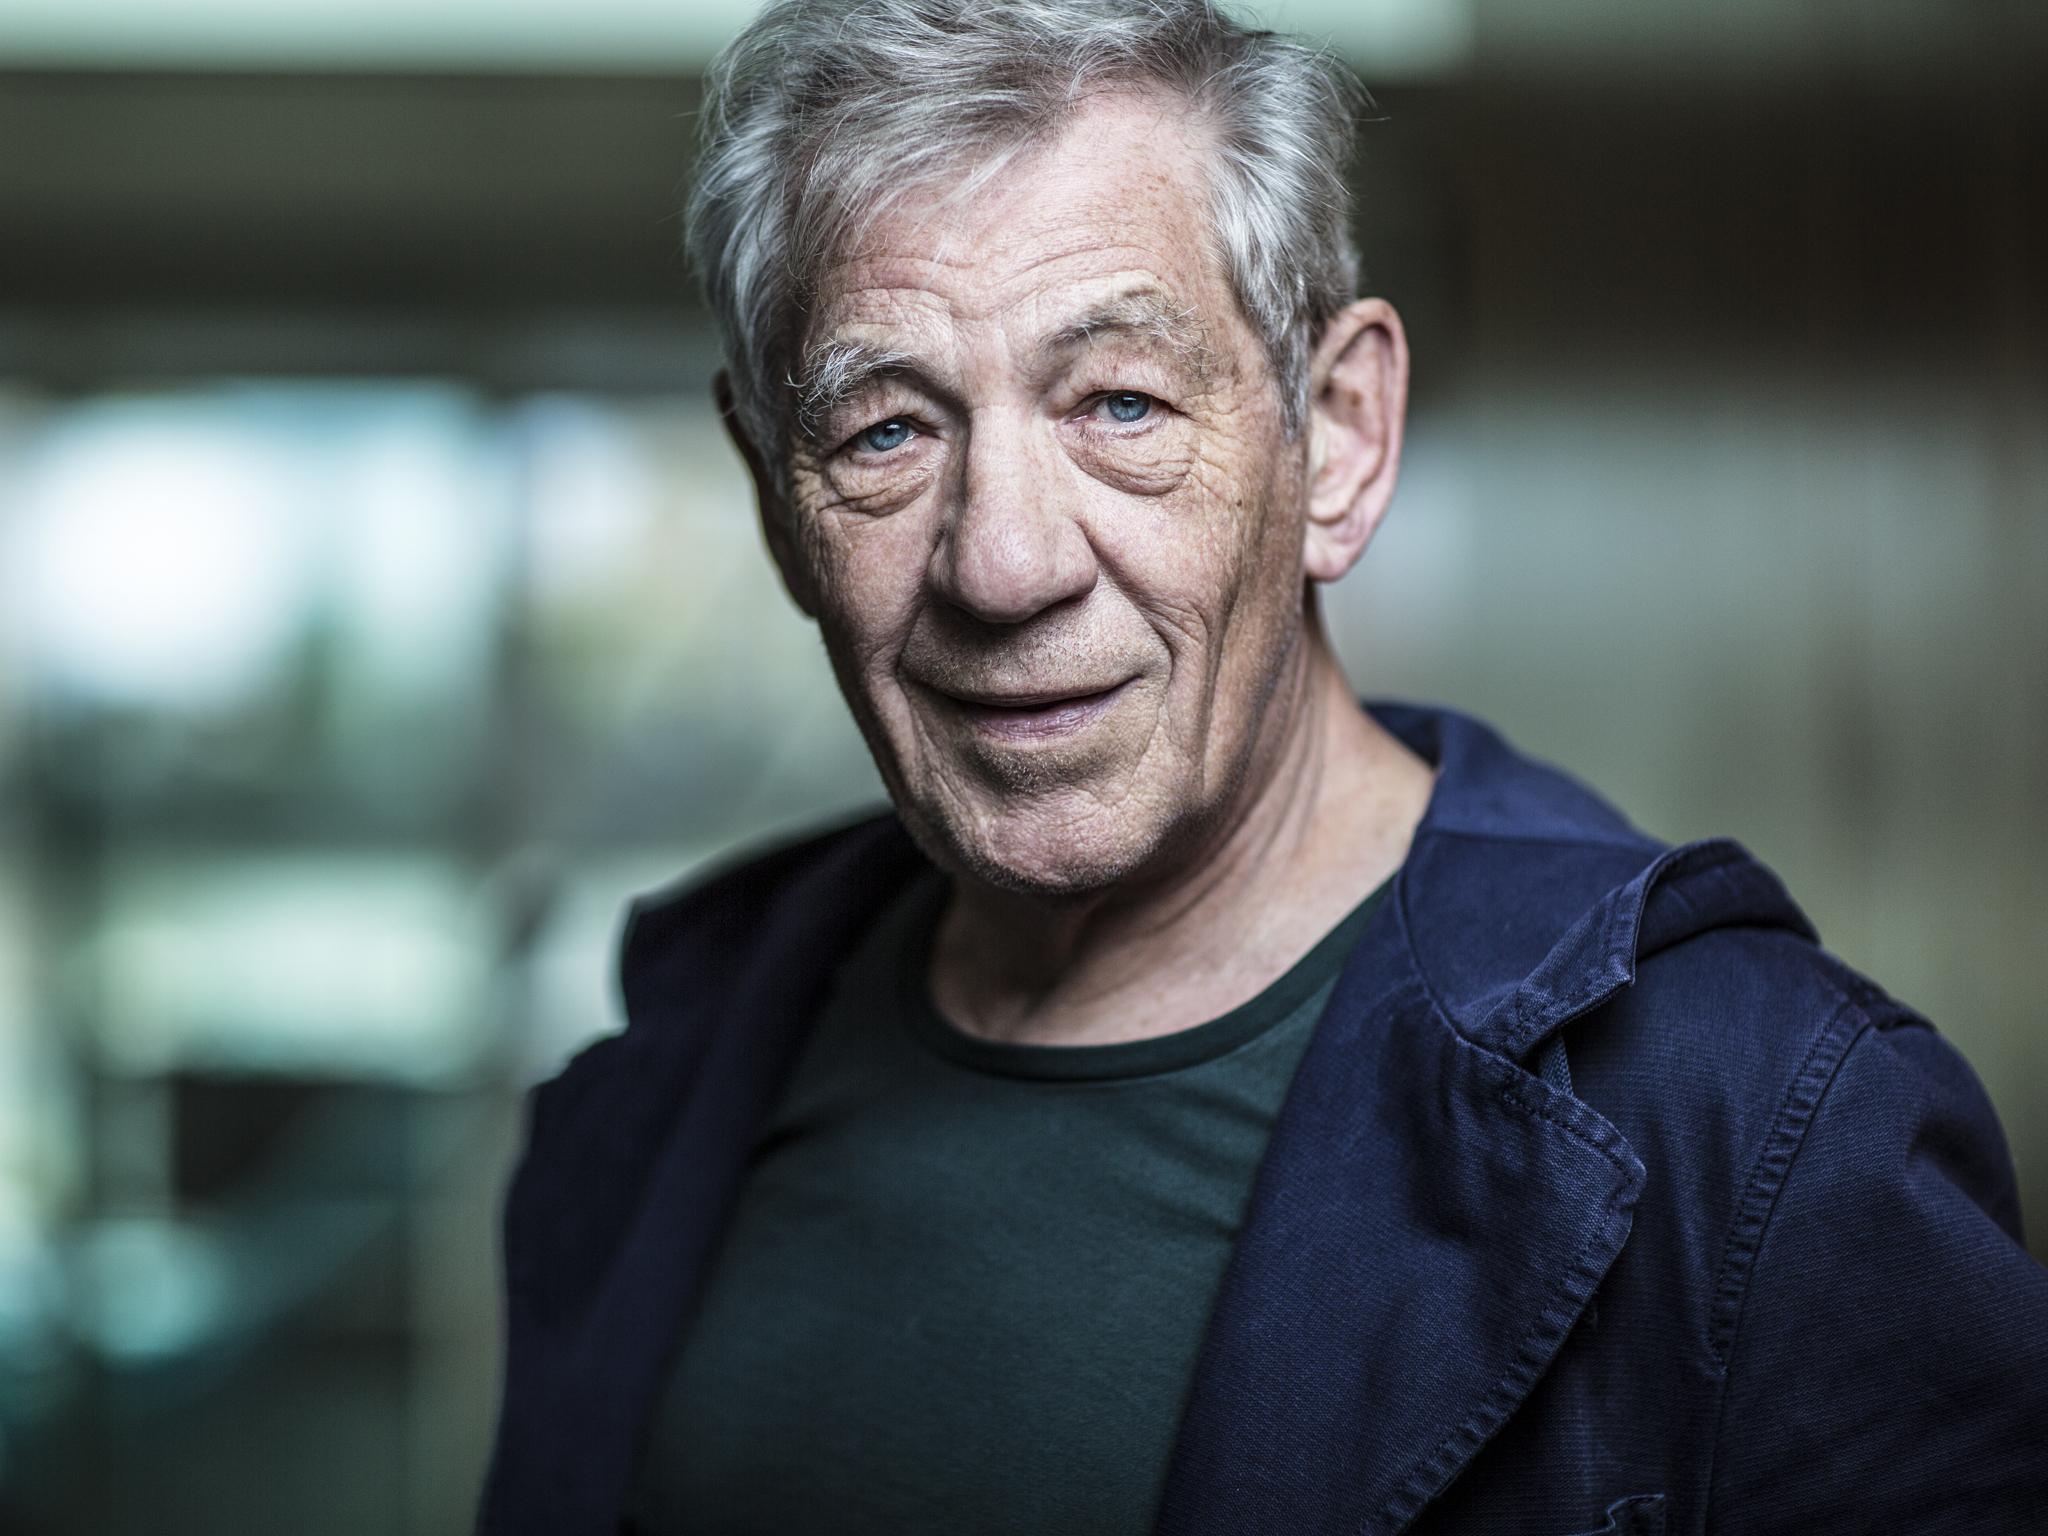 Ian McKellen - Actor